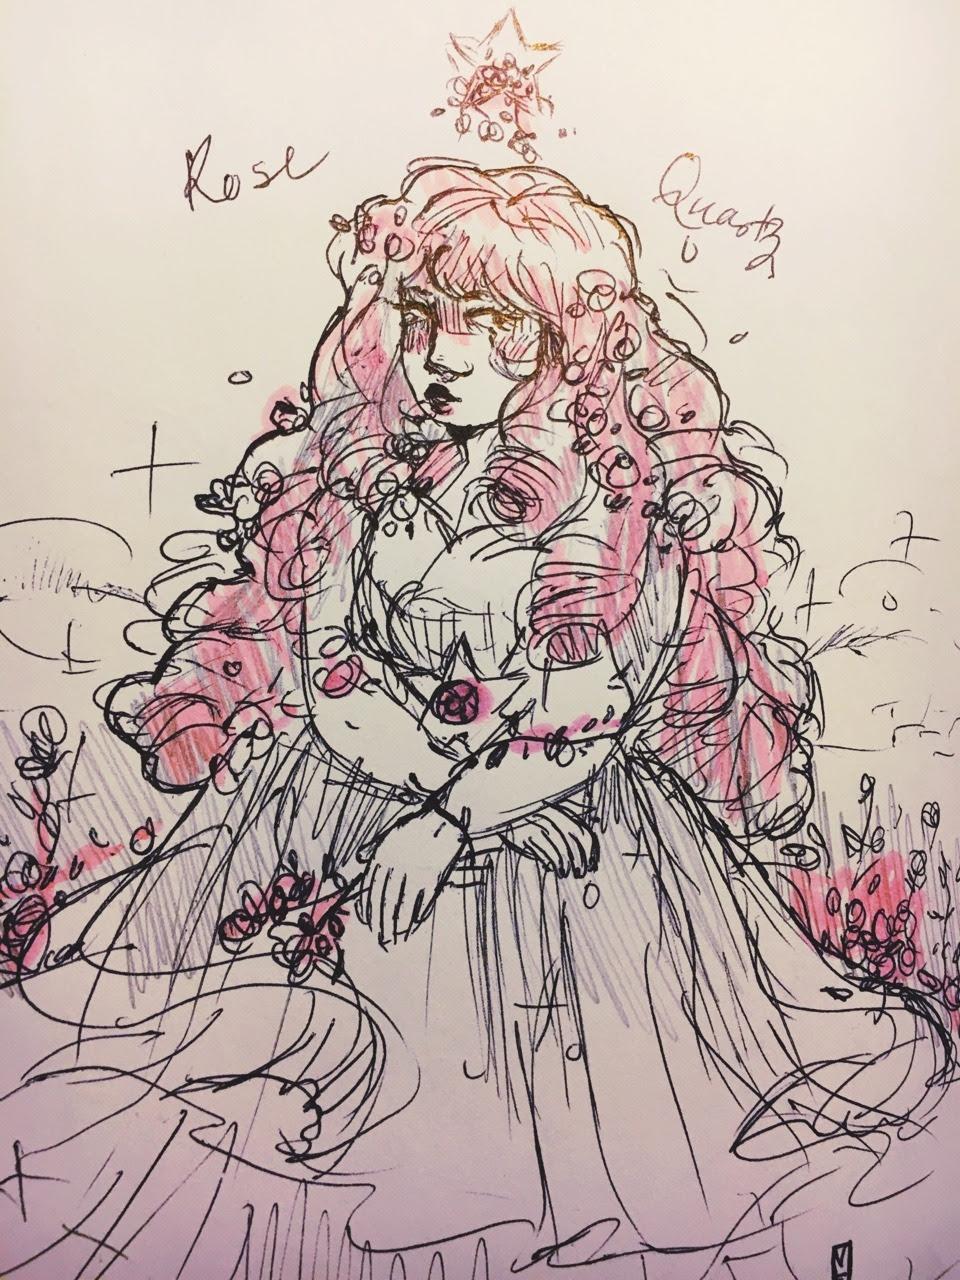 rose for inktober 24!